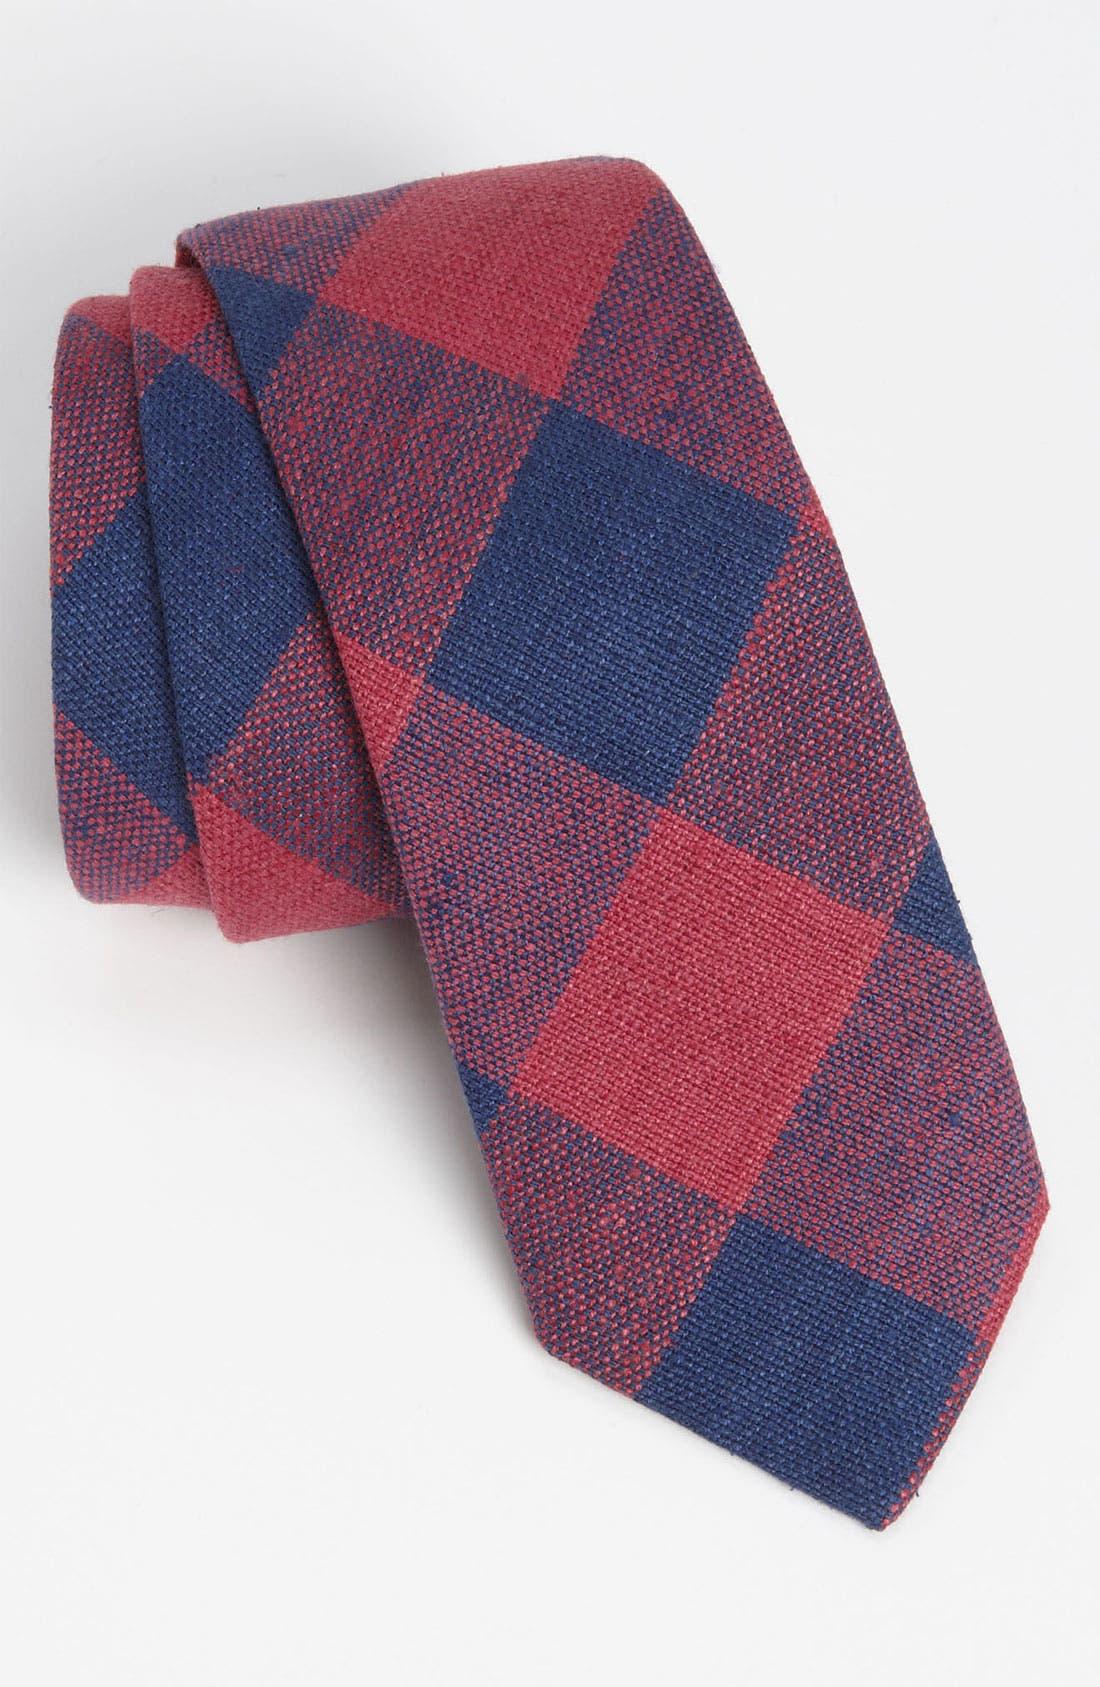 Alternate Image 1 Selected - Gitman 'Buffalo Check' Woven Silk Tie